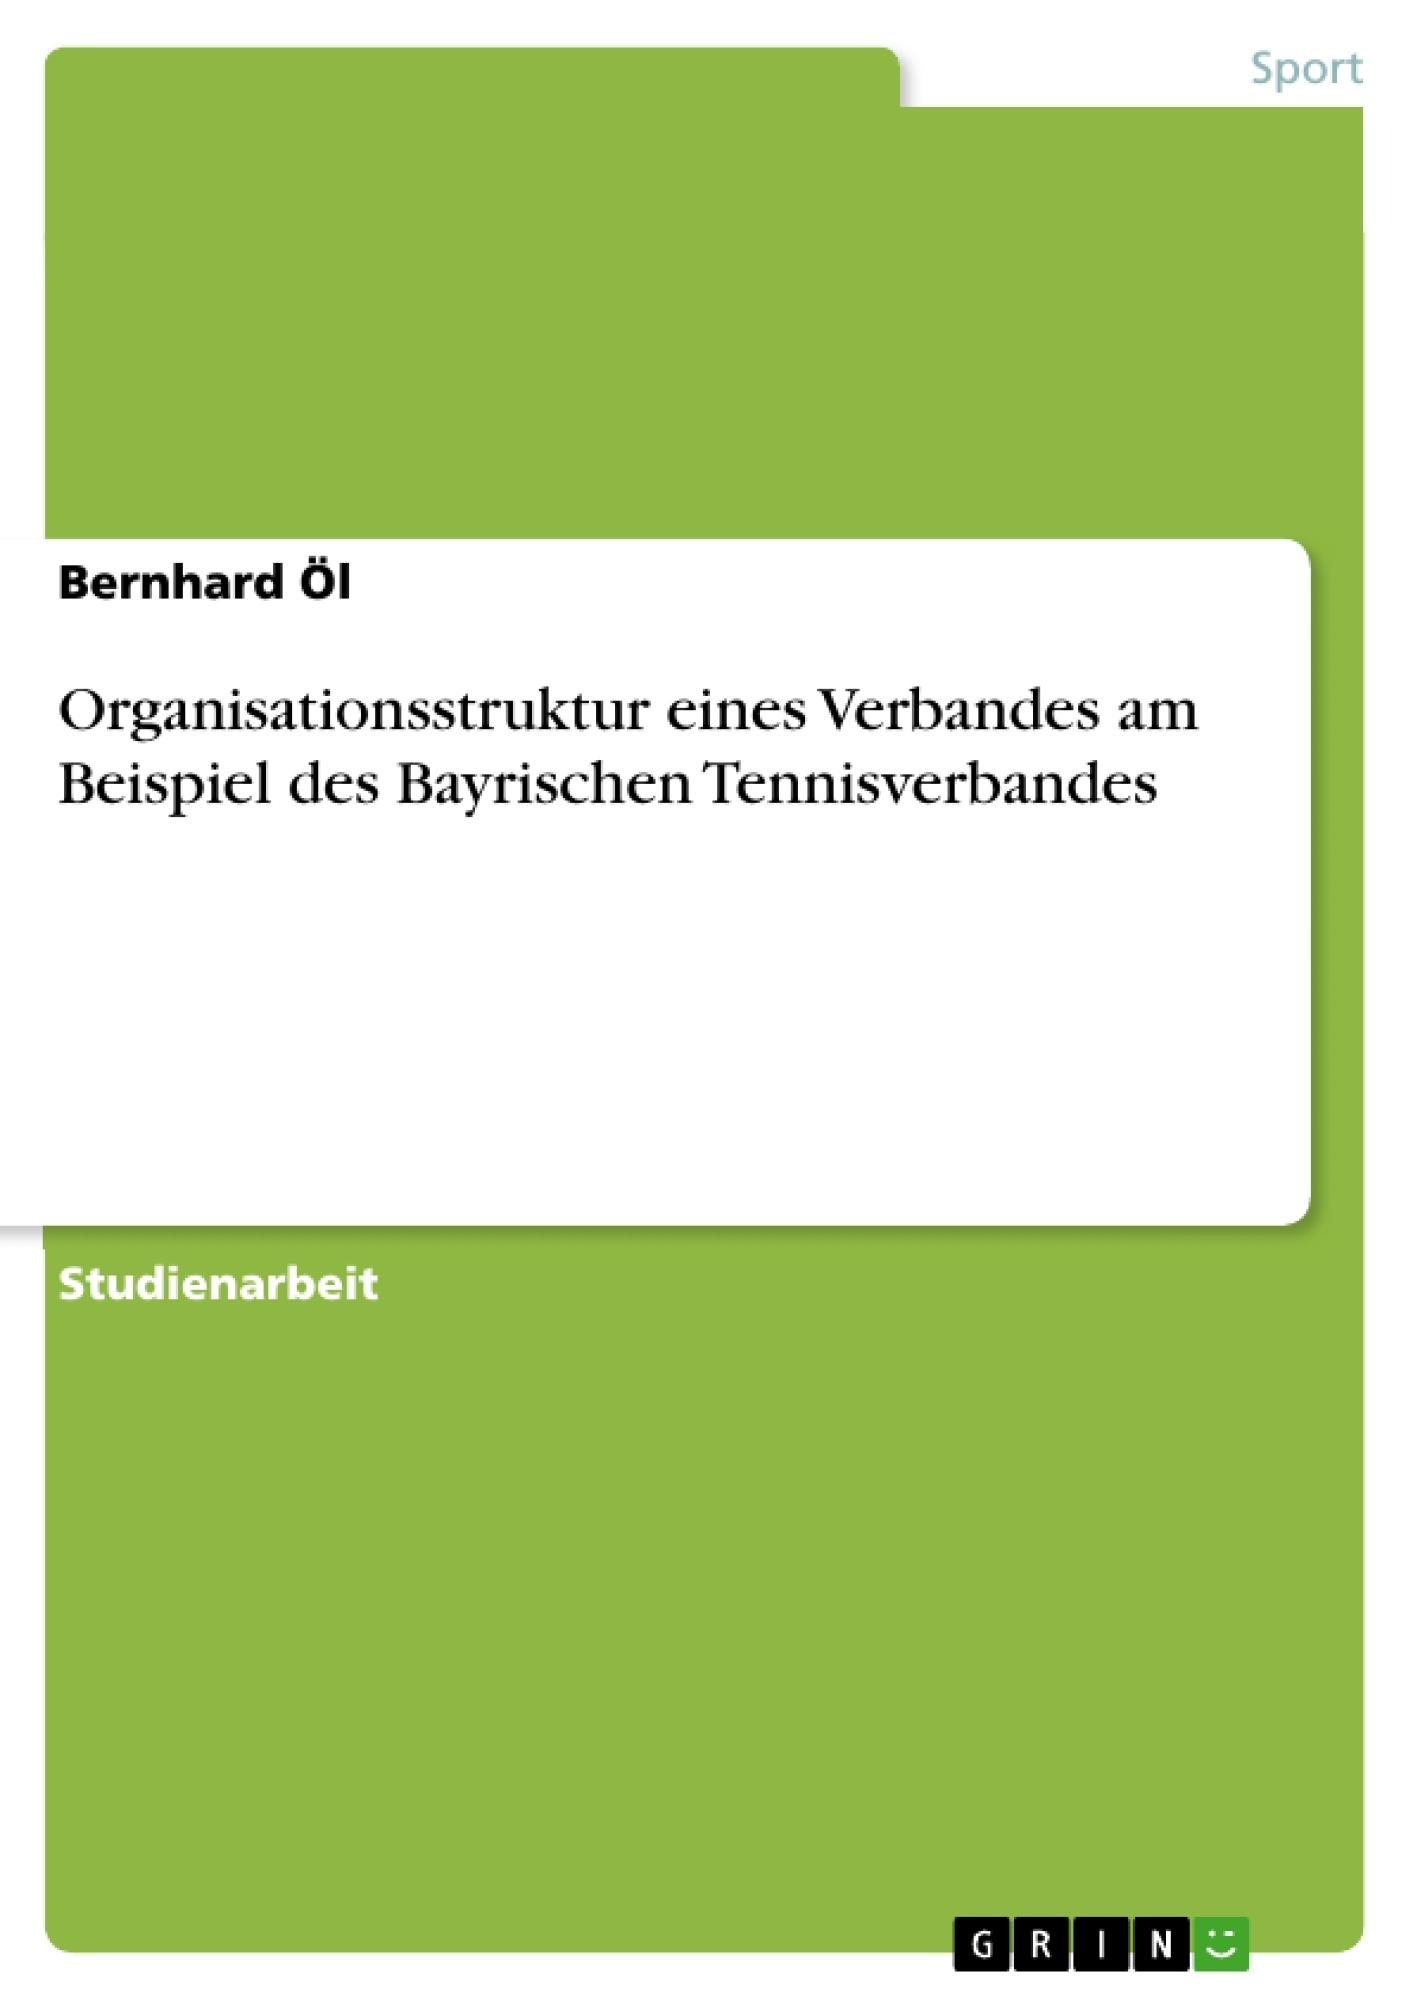 Titel: Organisationsstruktur eines Verbandes am Beispiel des Bayrischen Tennisverbandes